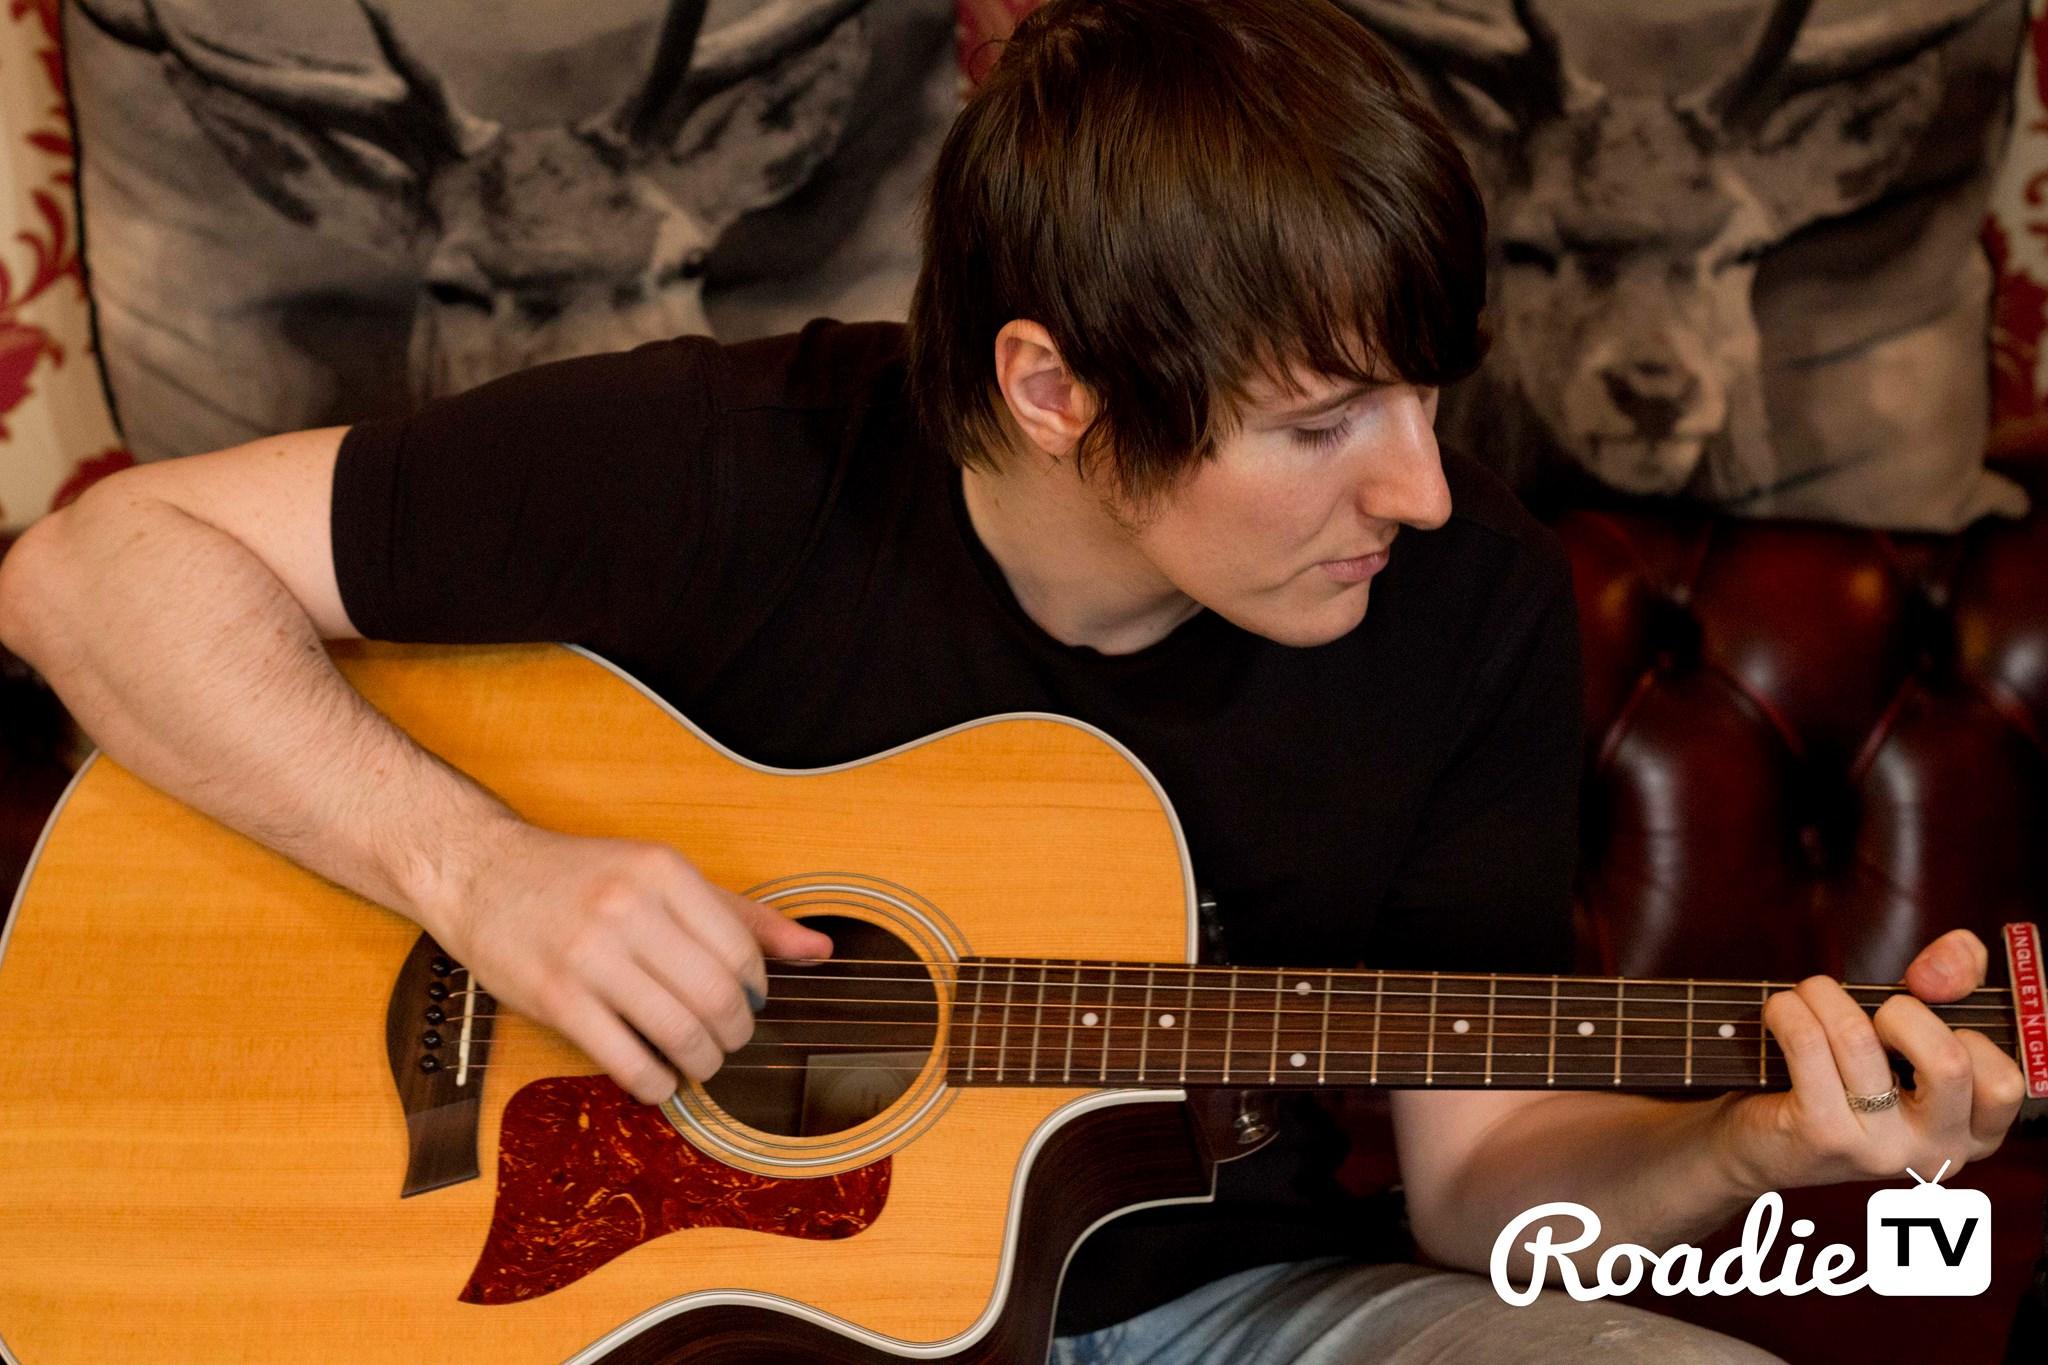 Photo by  Roadie TV .